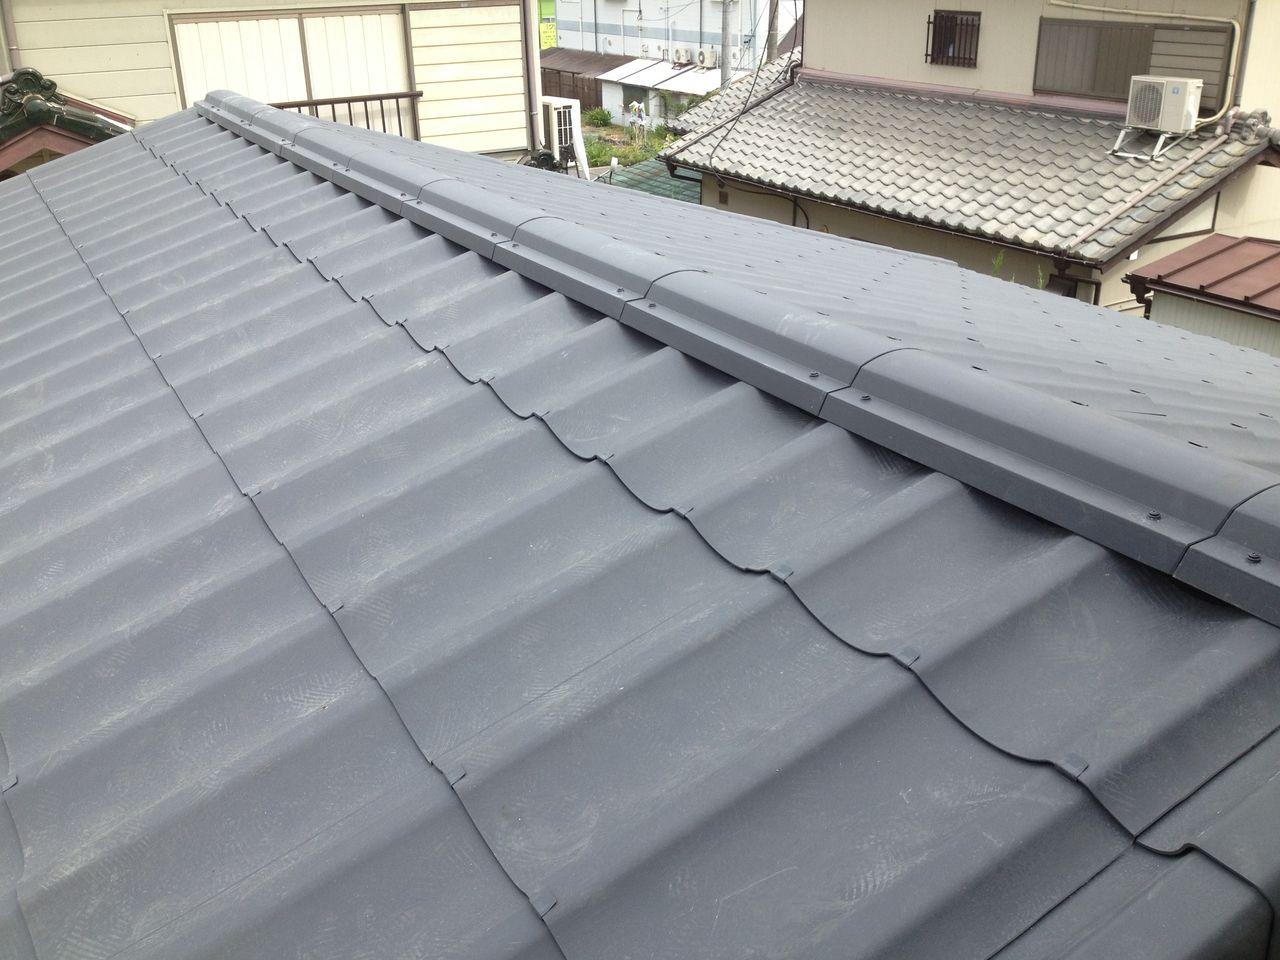 カルカ・ルーフ : 四日市で働く屋根・外壁リフォームの営業 ...